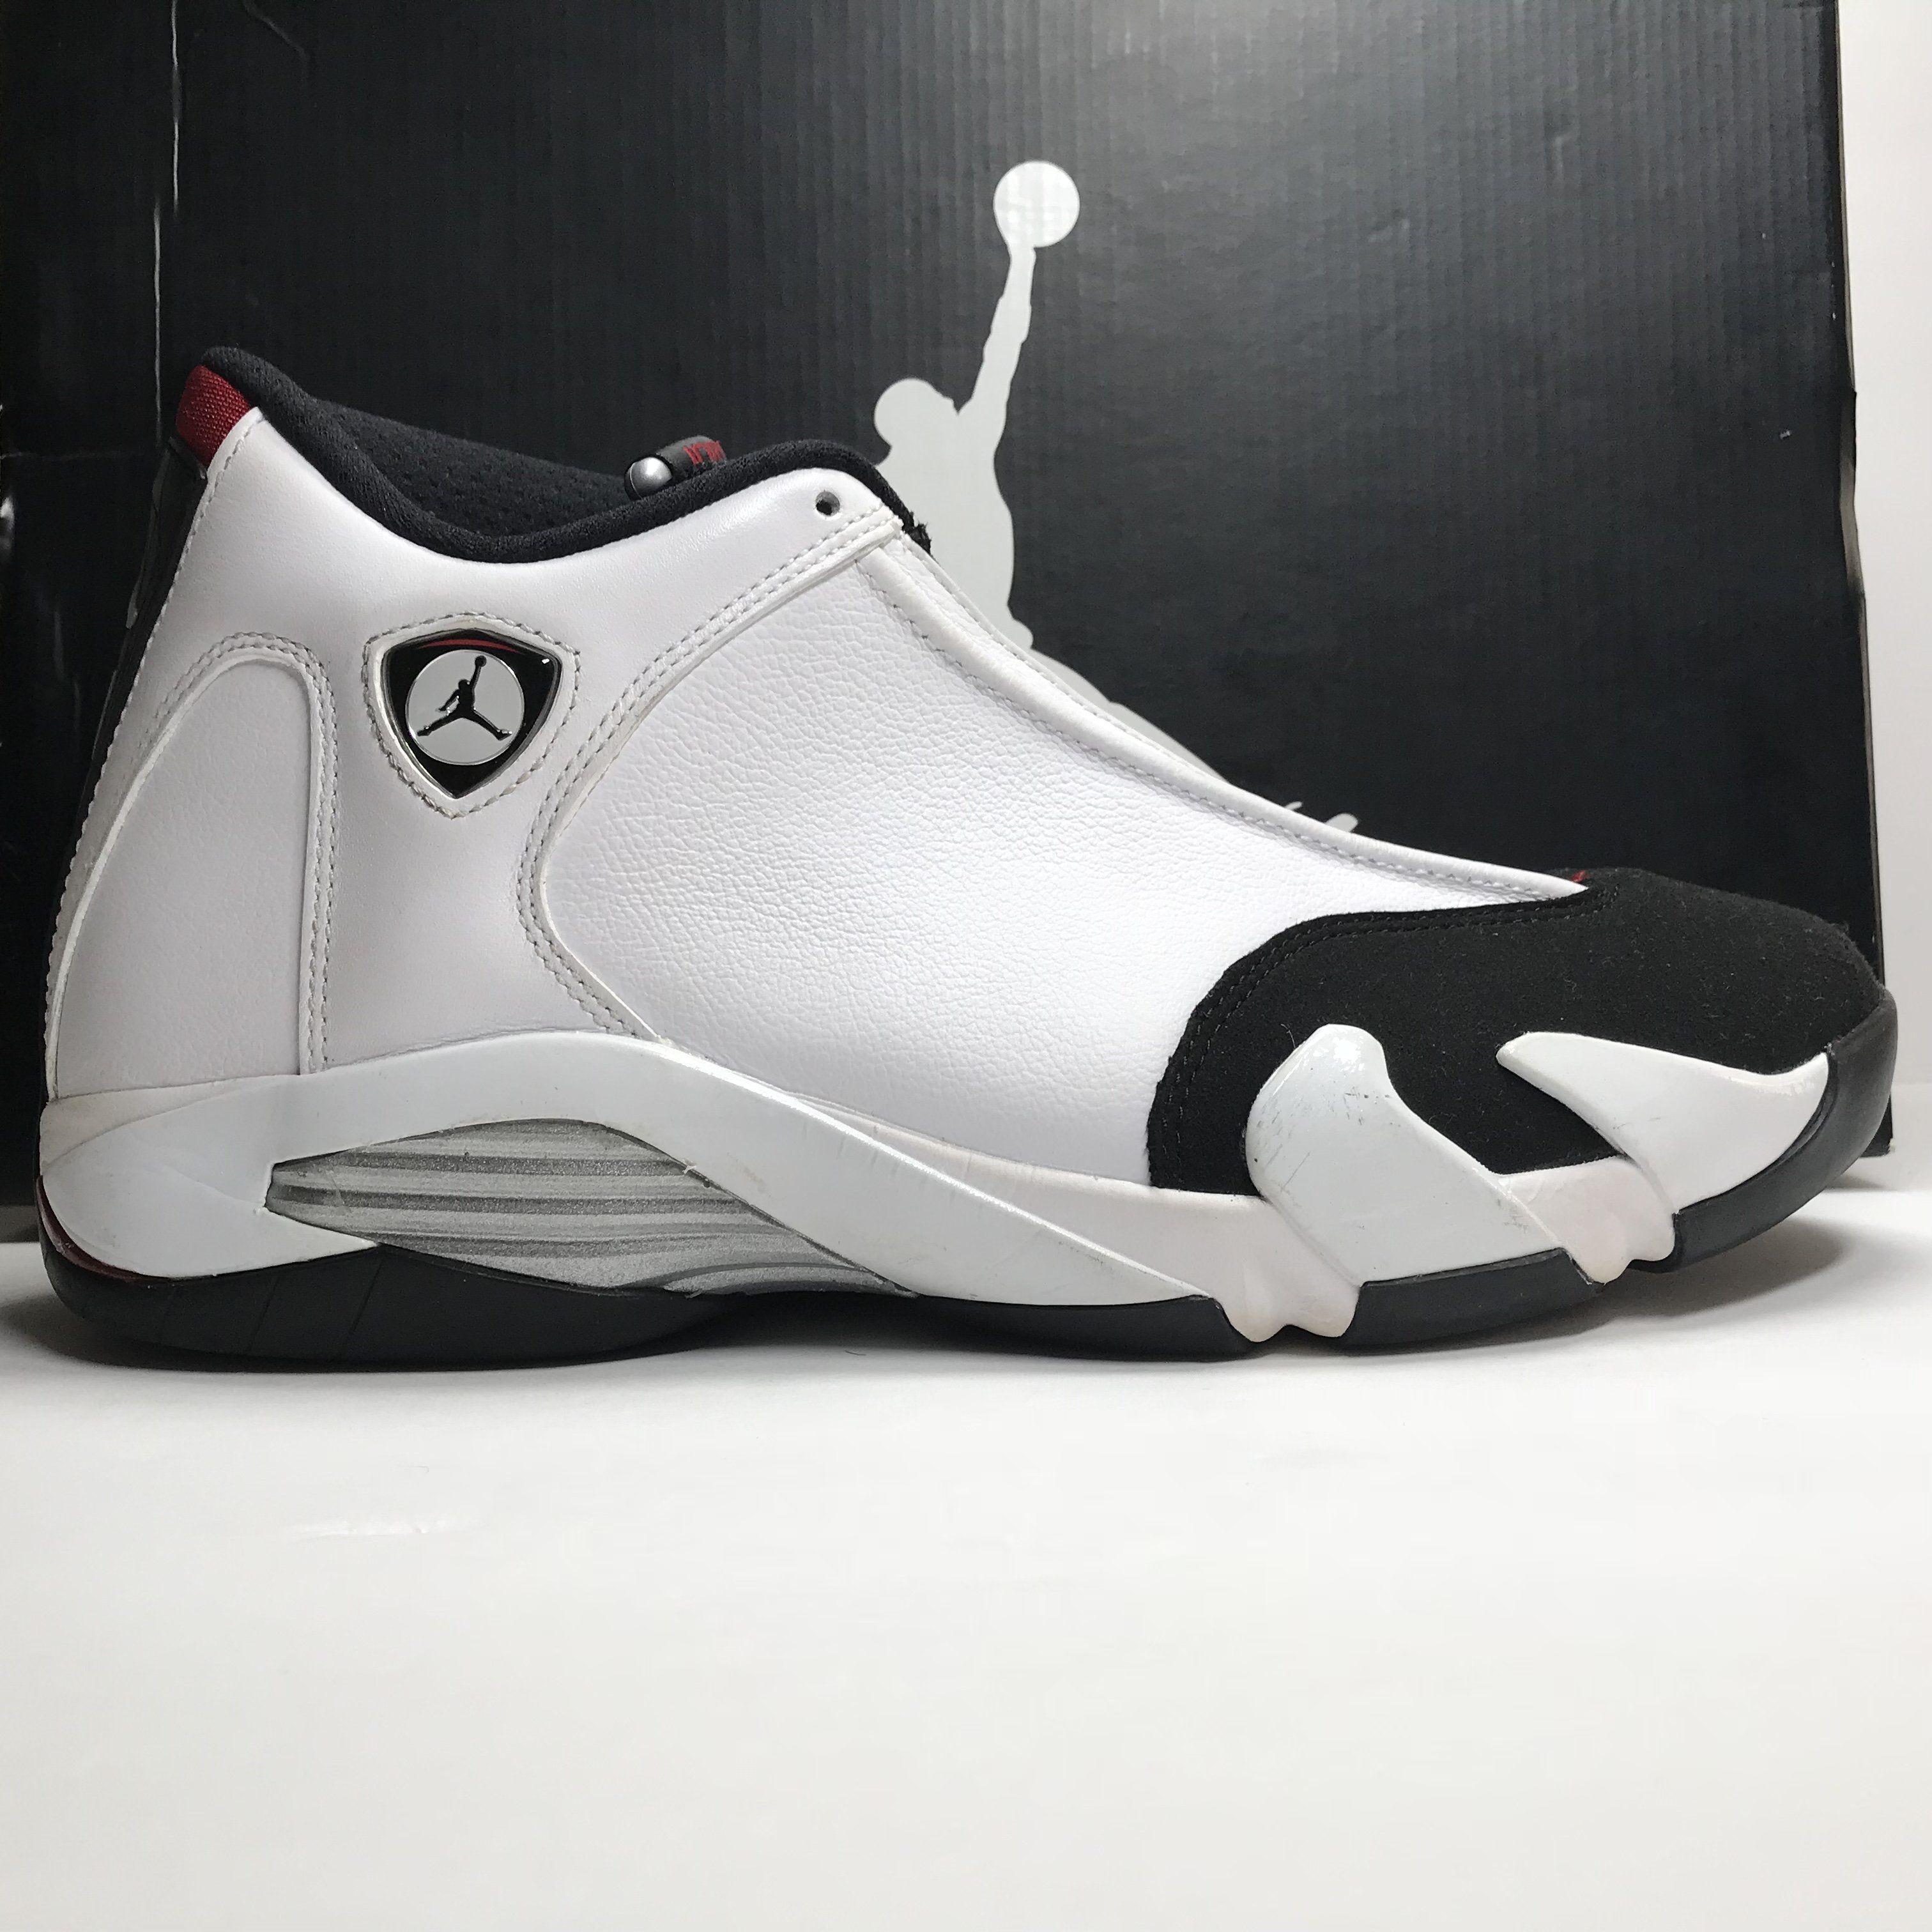 Nike Air Jordan 14 XIV Retro Black Toe Size 10